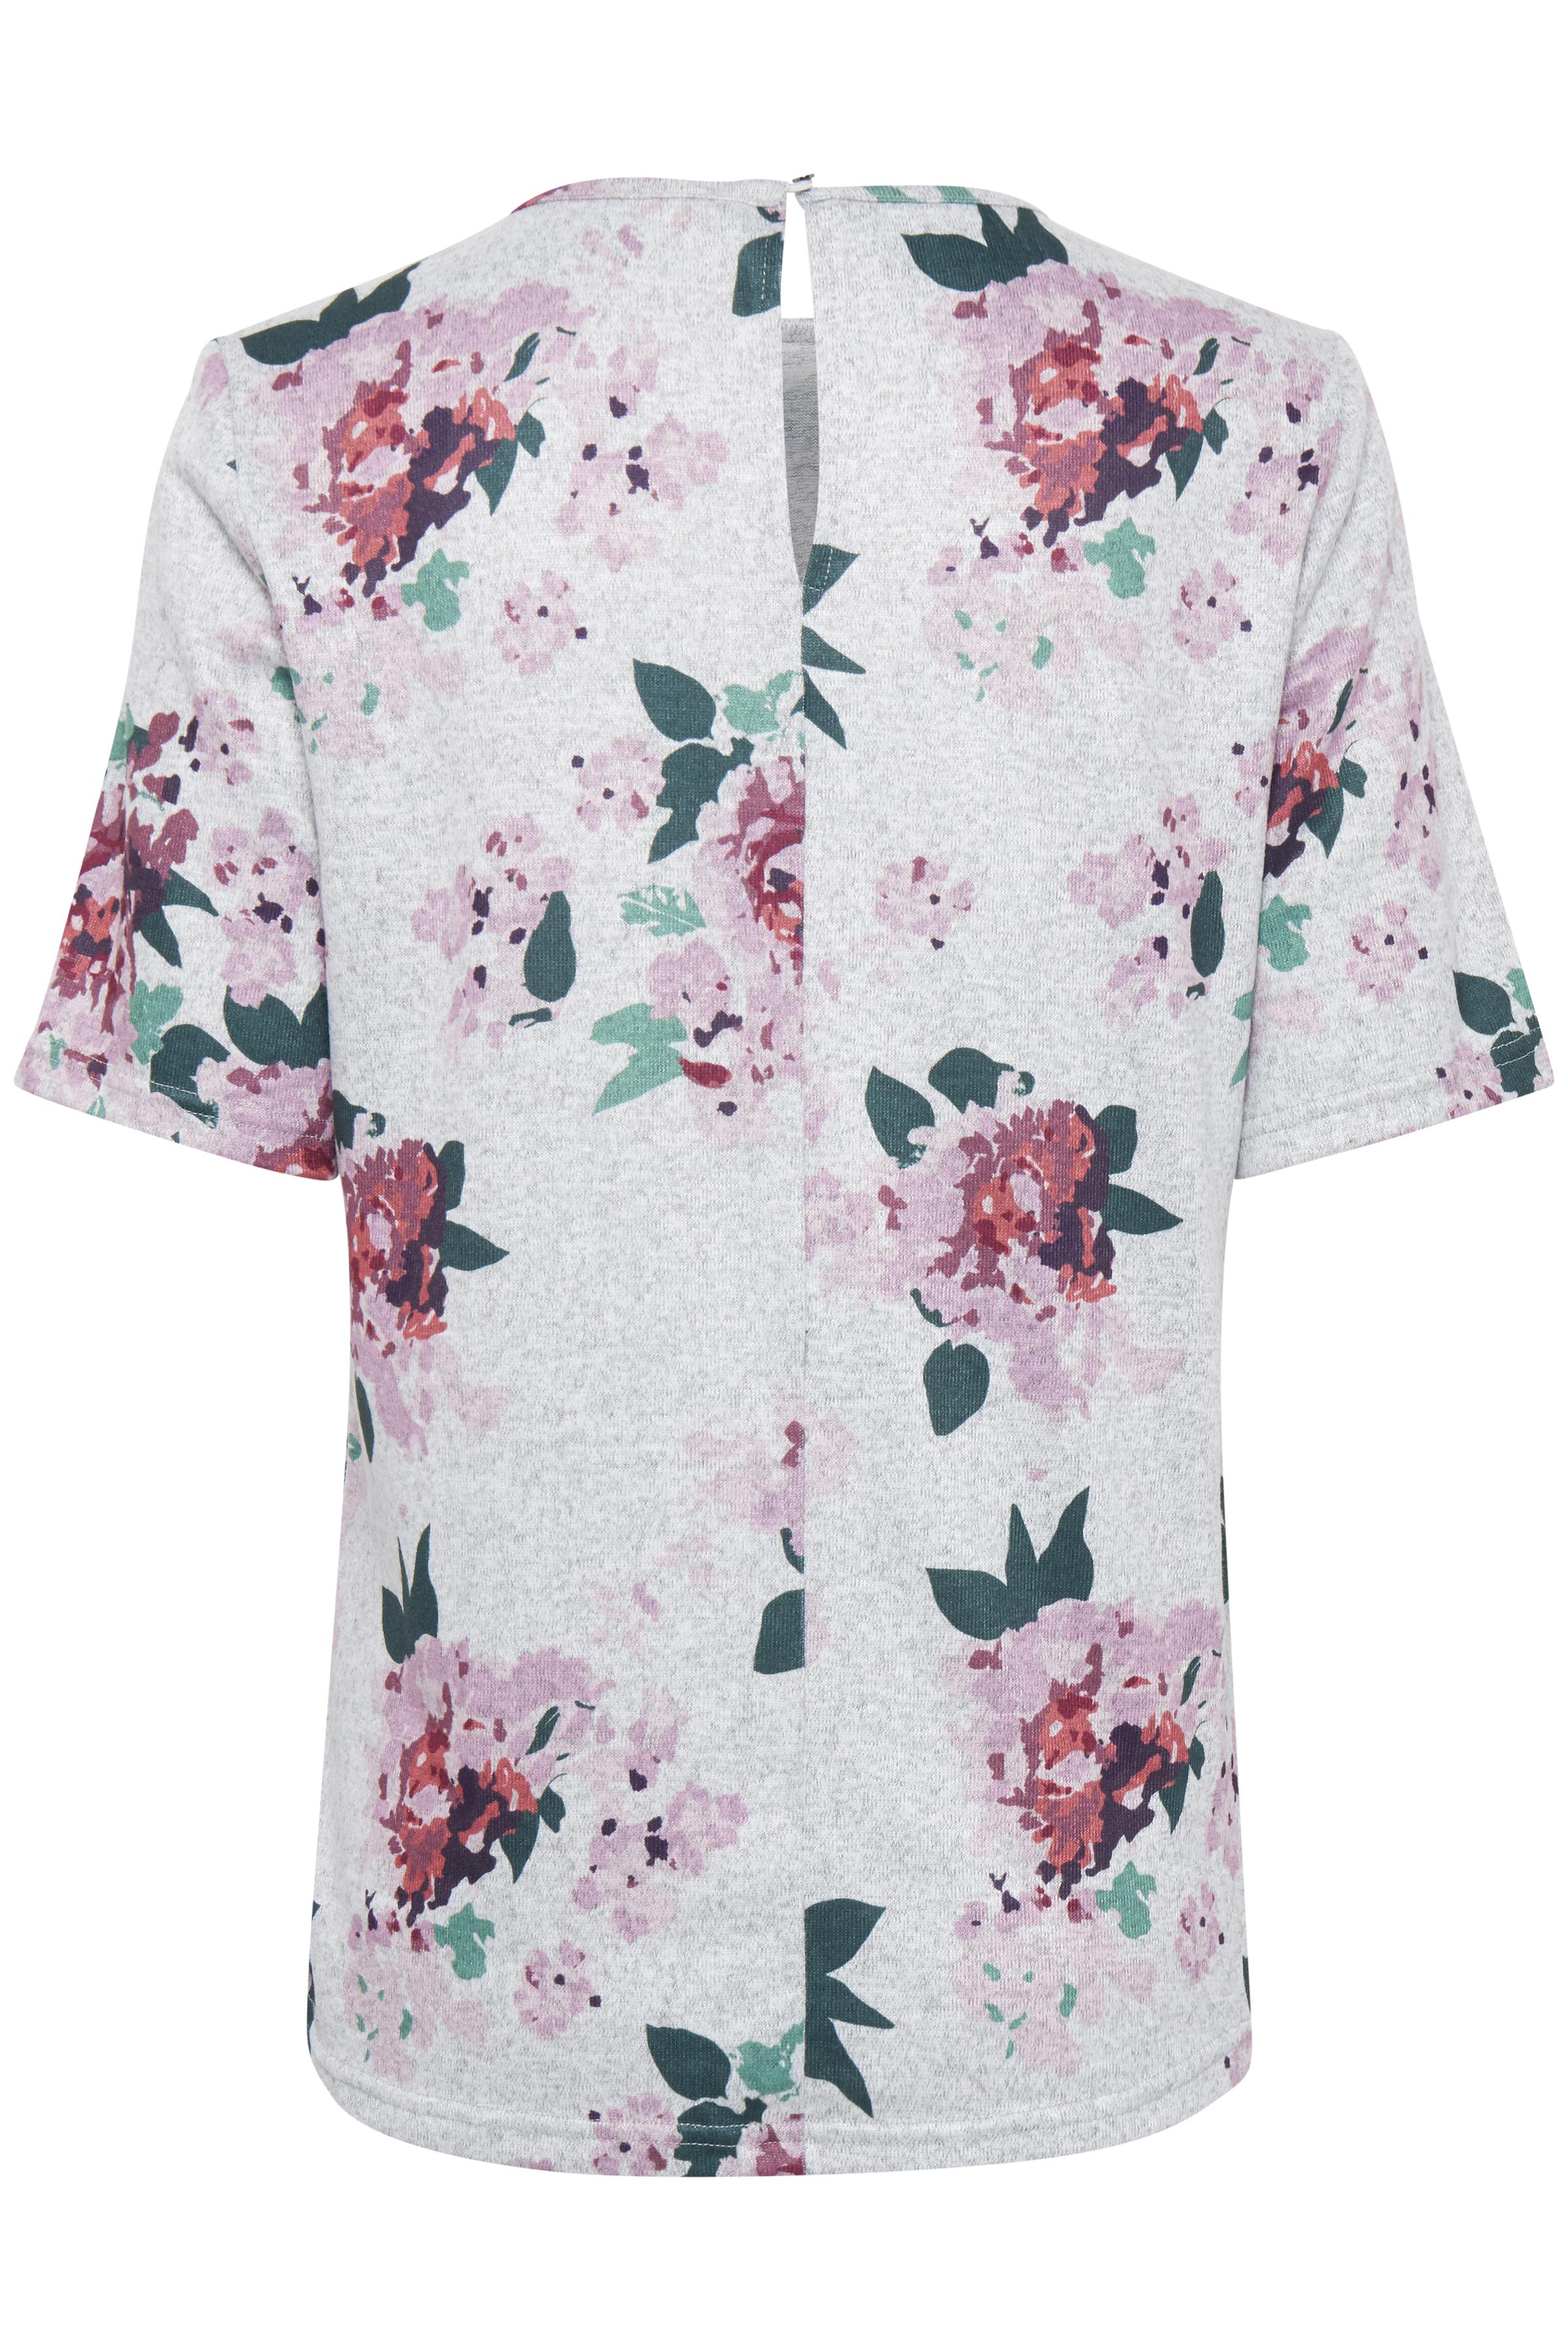 COMBI 1 Kortærmet T-shirt fra b.young – Køb COMBI 1 Kortærmet T-shirt fra str. XS-XXL her